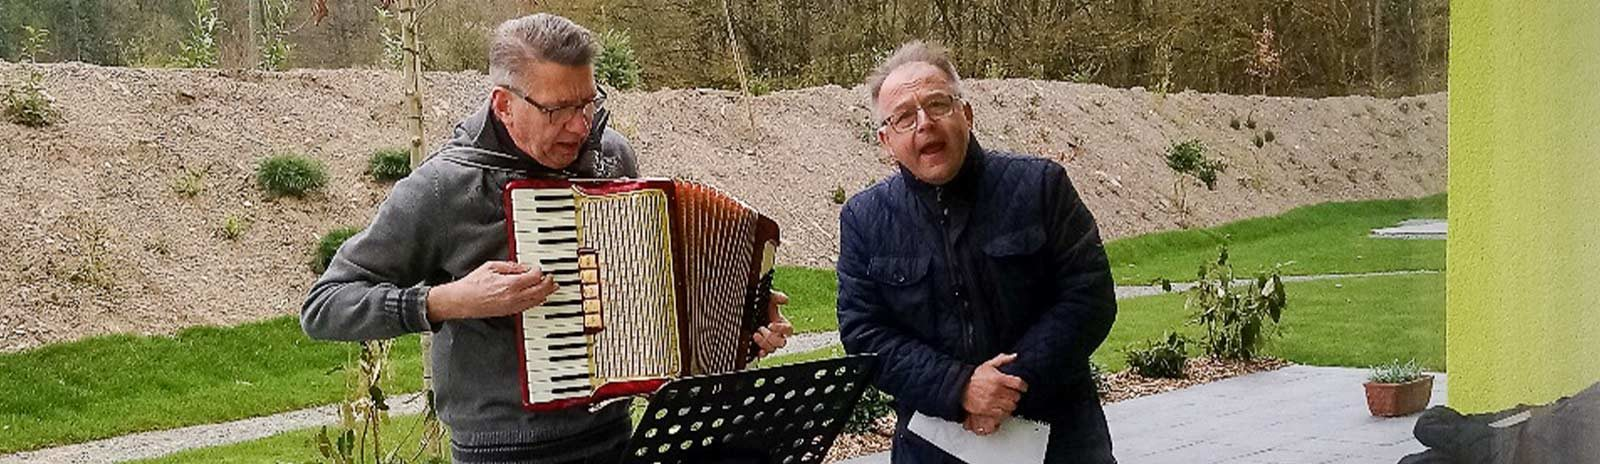 2020_03_31_Haus_in_den_Auen_Konzert_slider